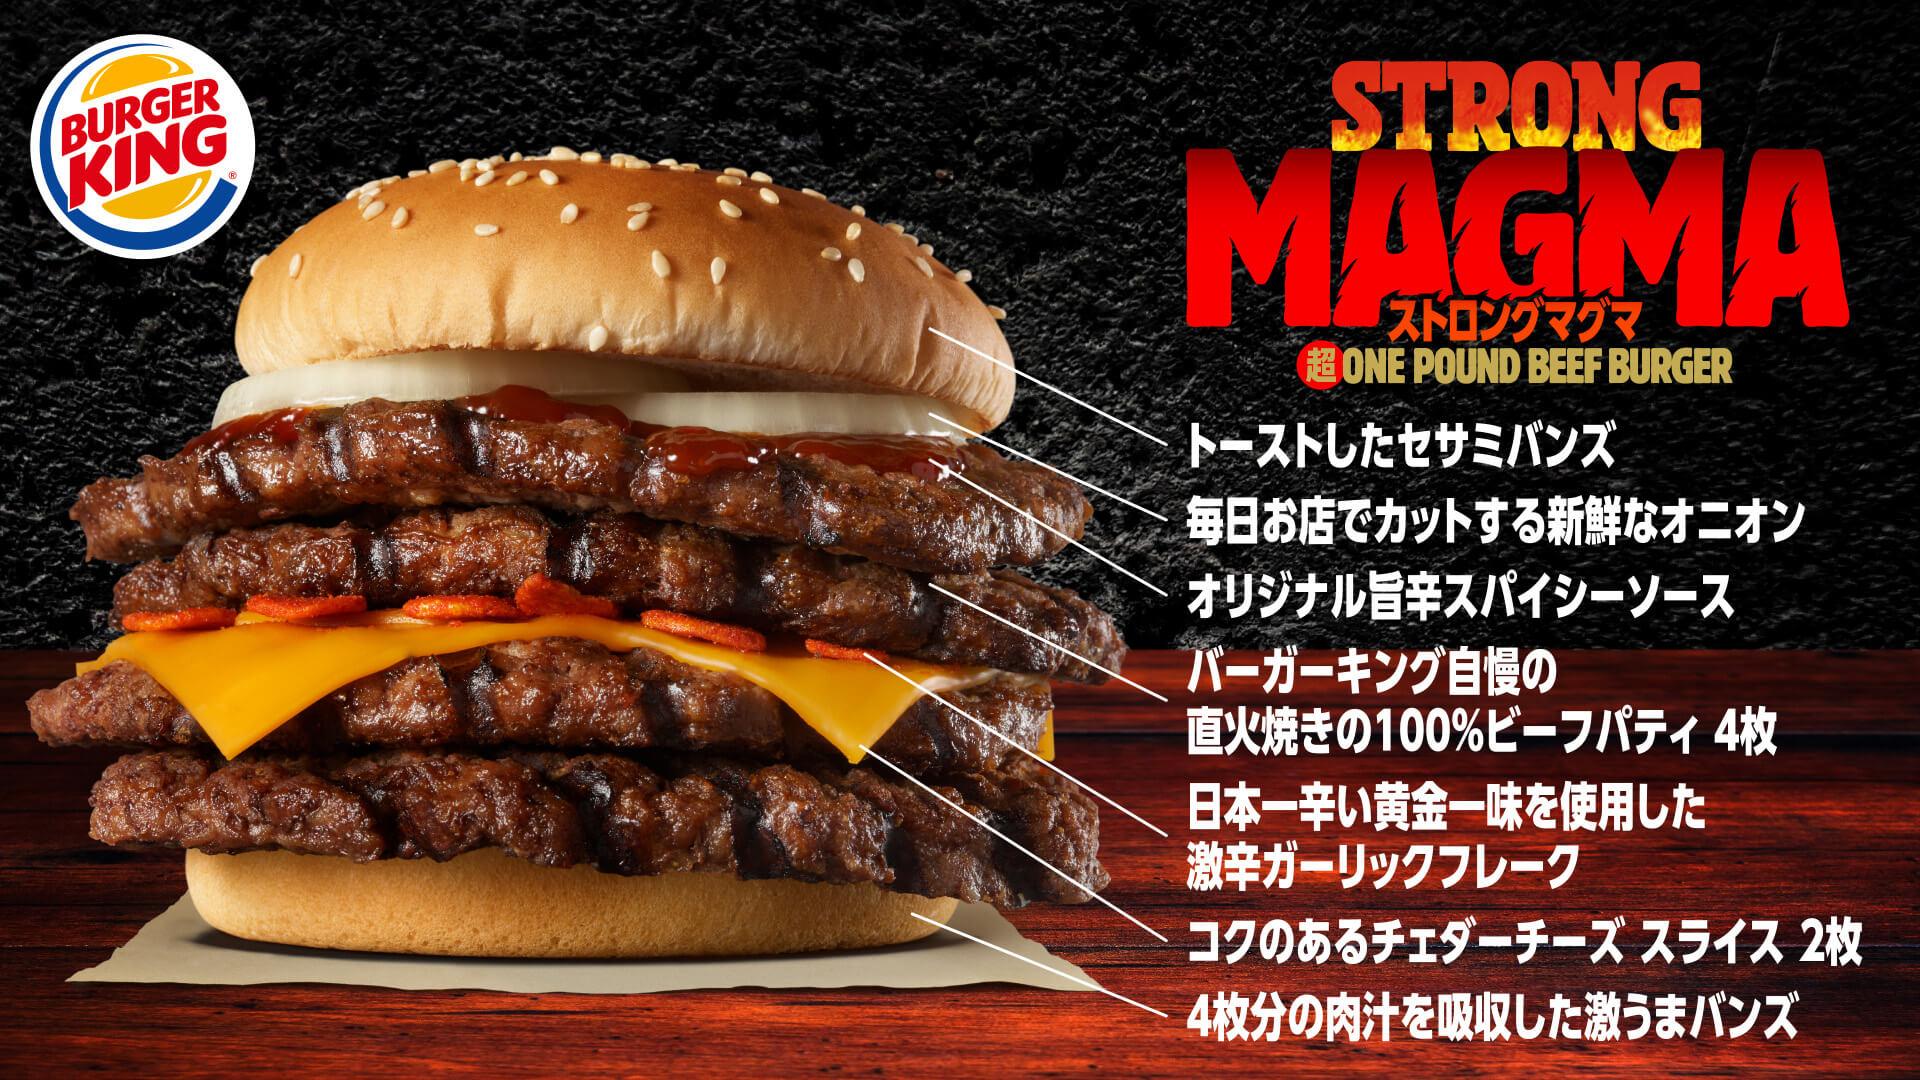 バーガーキング最強のデカさ&辛さを味わおう!『ストロング マグマ超ワンパウンドビーフバーガー』が期間限定新発売 gourmet210225_burgerking_magma_4